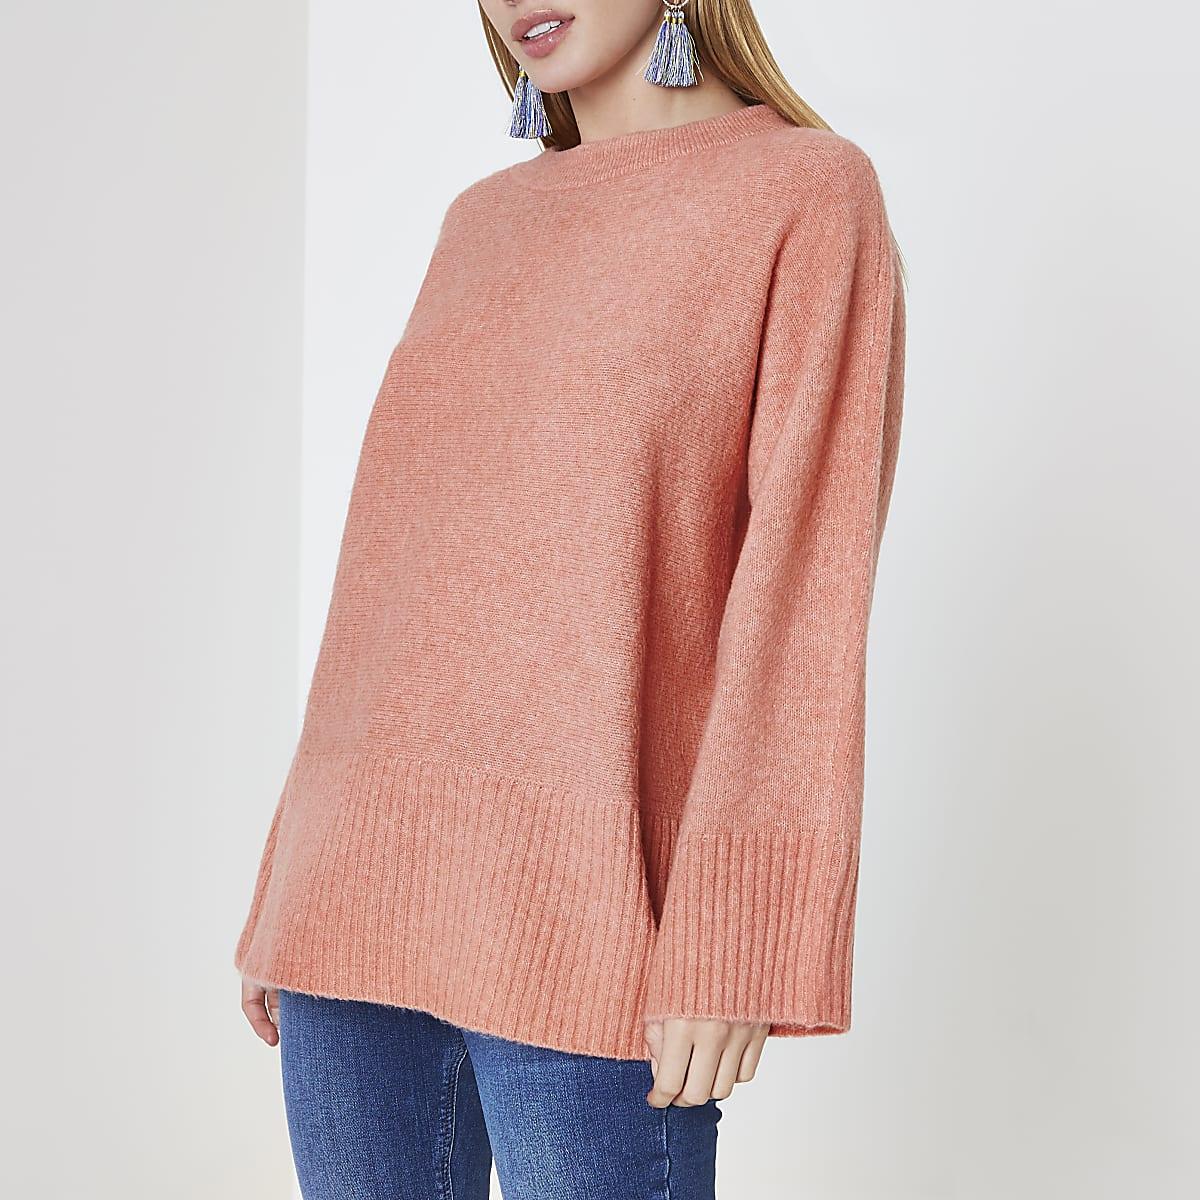 RI Petite - Oranje pullover met strik op de rug